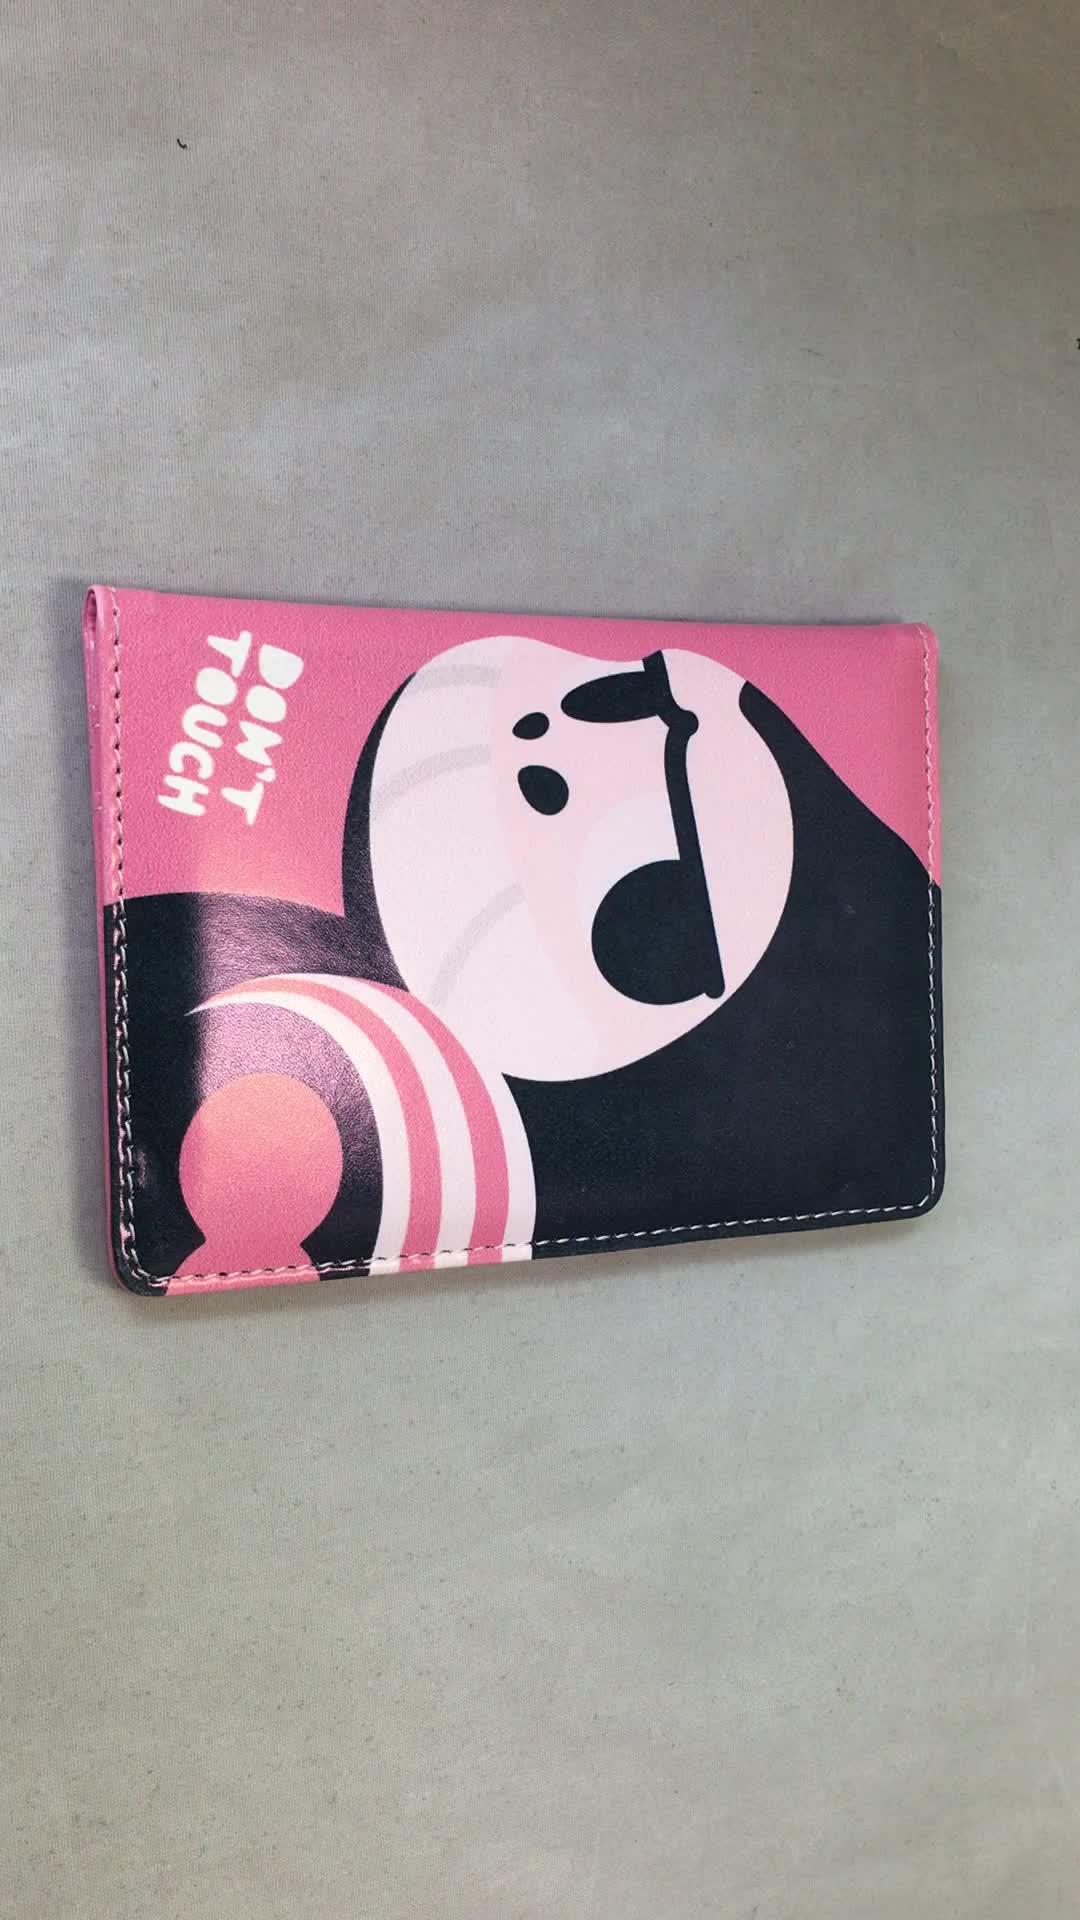 デボスロゴ革パスポートホルダートラベルパスポートカバー革パスポート財布